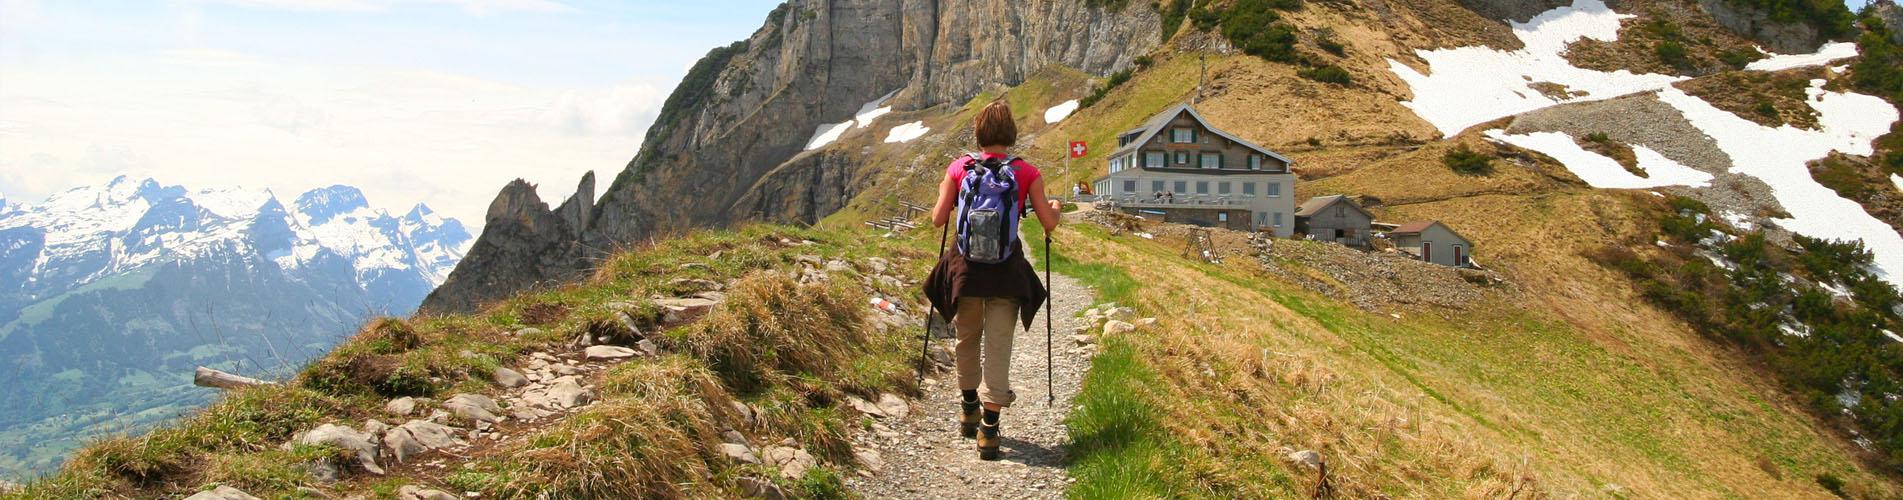 Wanderungen im Appenzell und Alpstein: Äscher-Wildkirchli, Ebenalp, Seealpsee, Säntis, Schwägalp, Kronberg, Hoher Kasten, Stauberen, Bollenwees, Sämtisersee, Fählensee uvm.